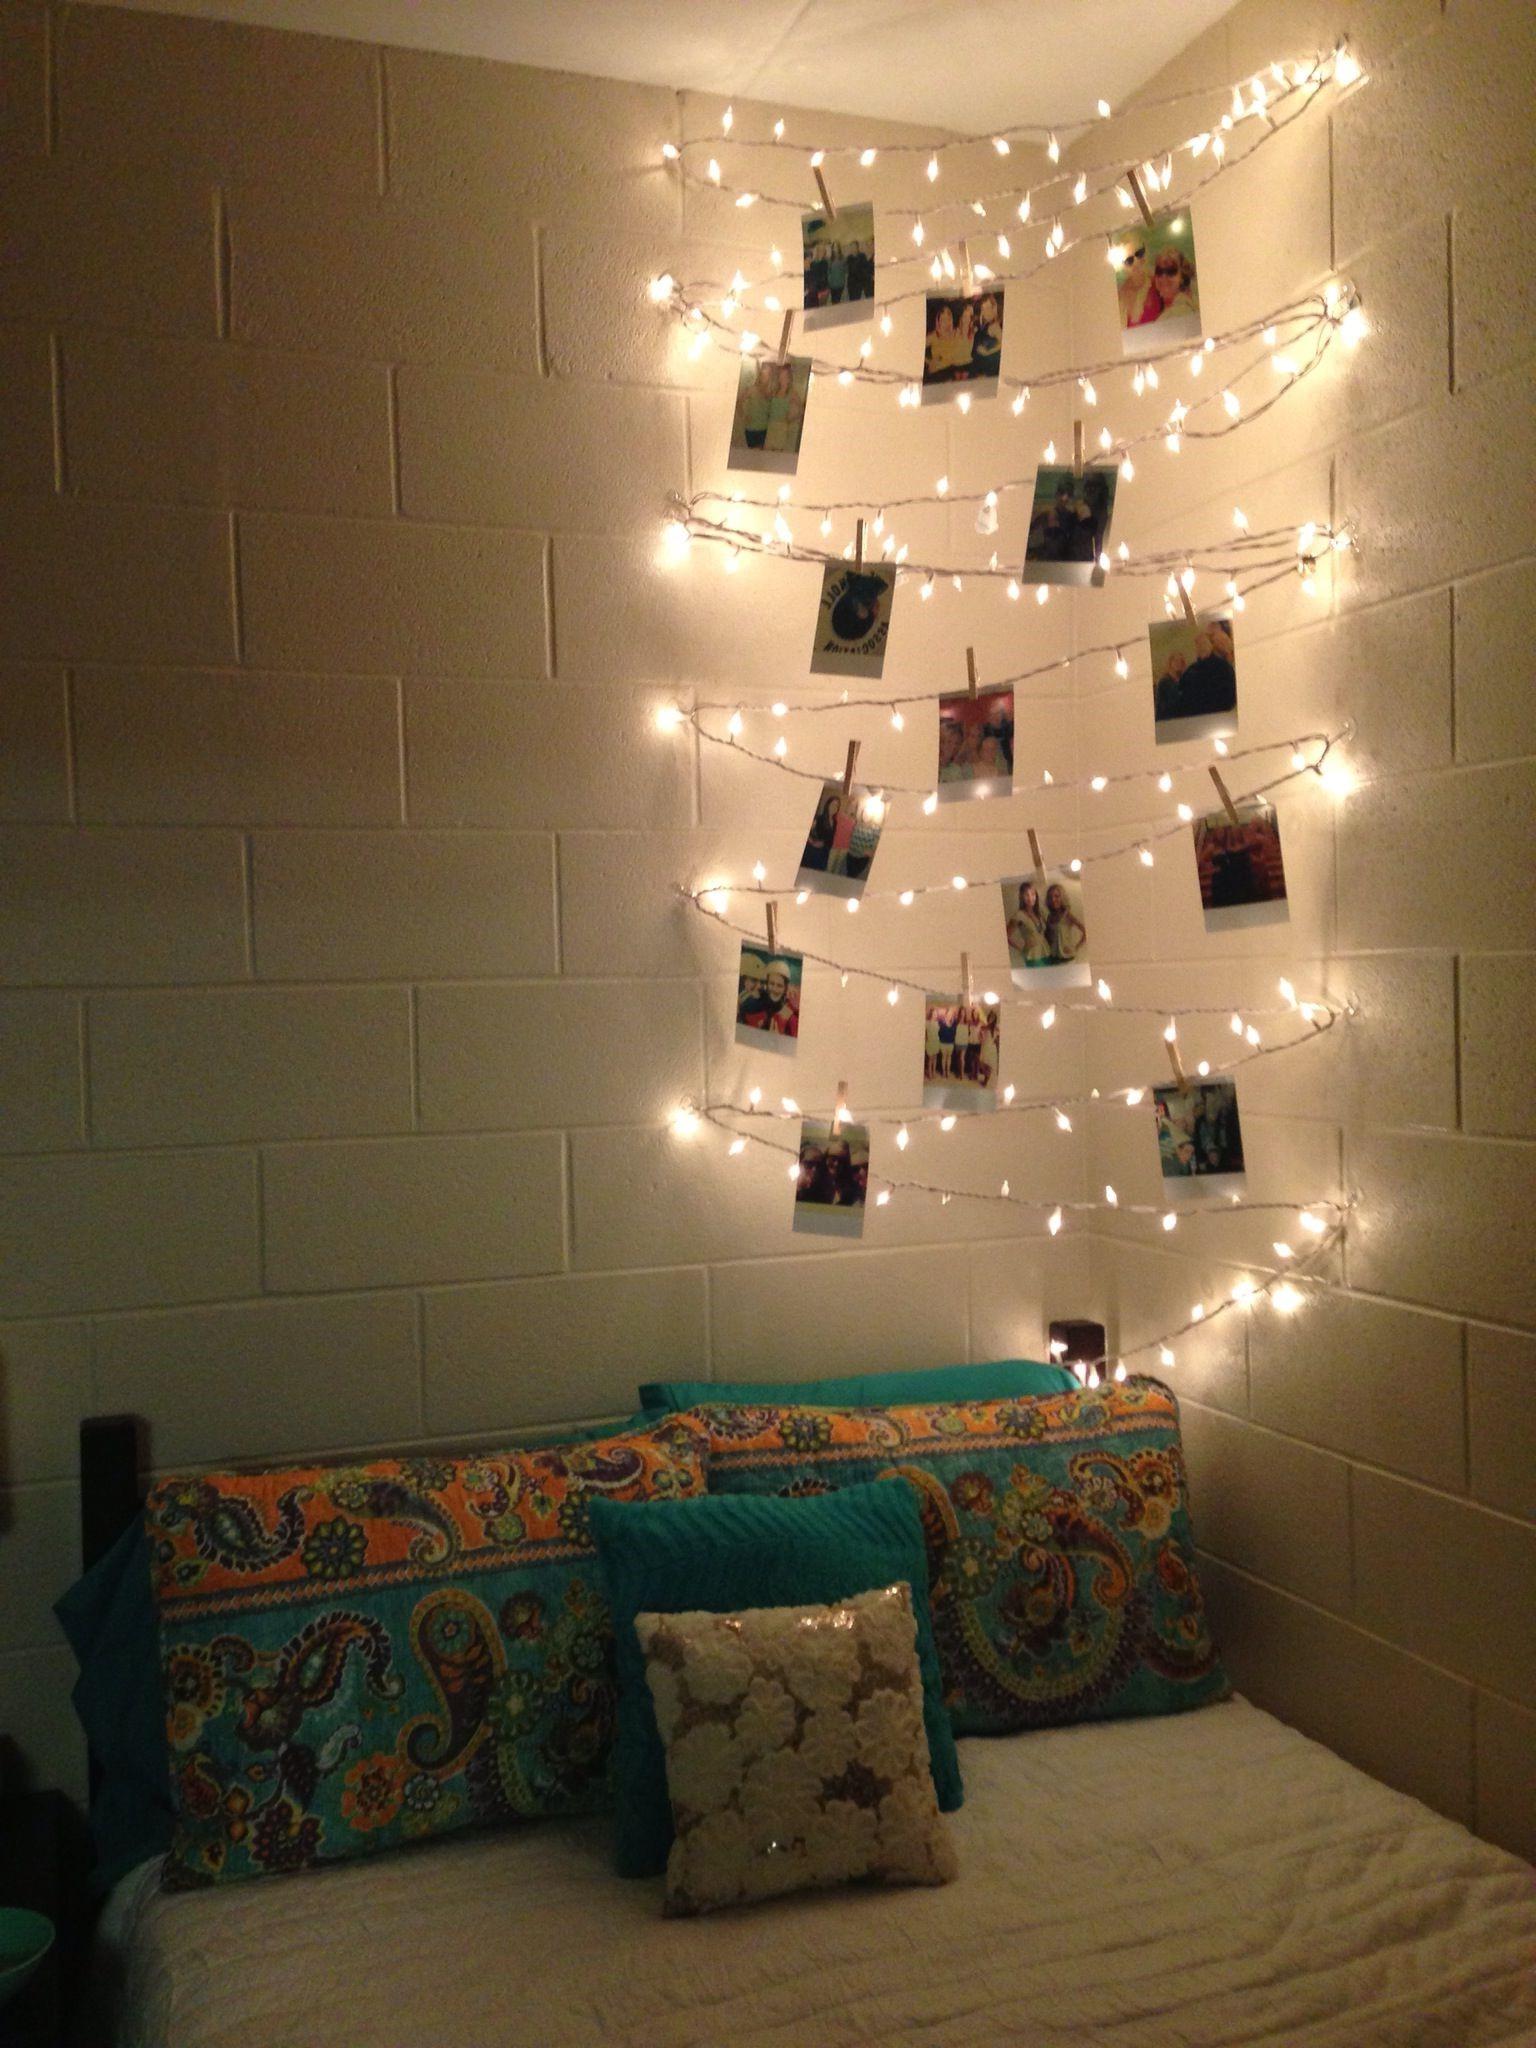 Cette installation en angle sert aussi bien d'éclairage que de lieu pour voir les dernières photos de vacances. En zigzaguant d'un mur à l'autre, cette guirlande lumineuse est quelque chose de différent.